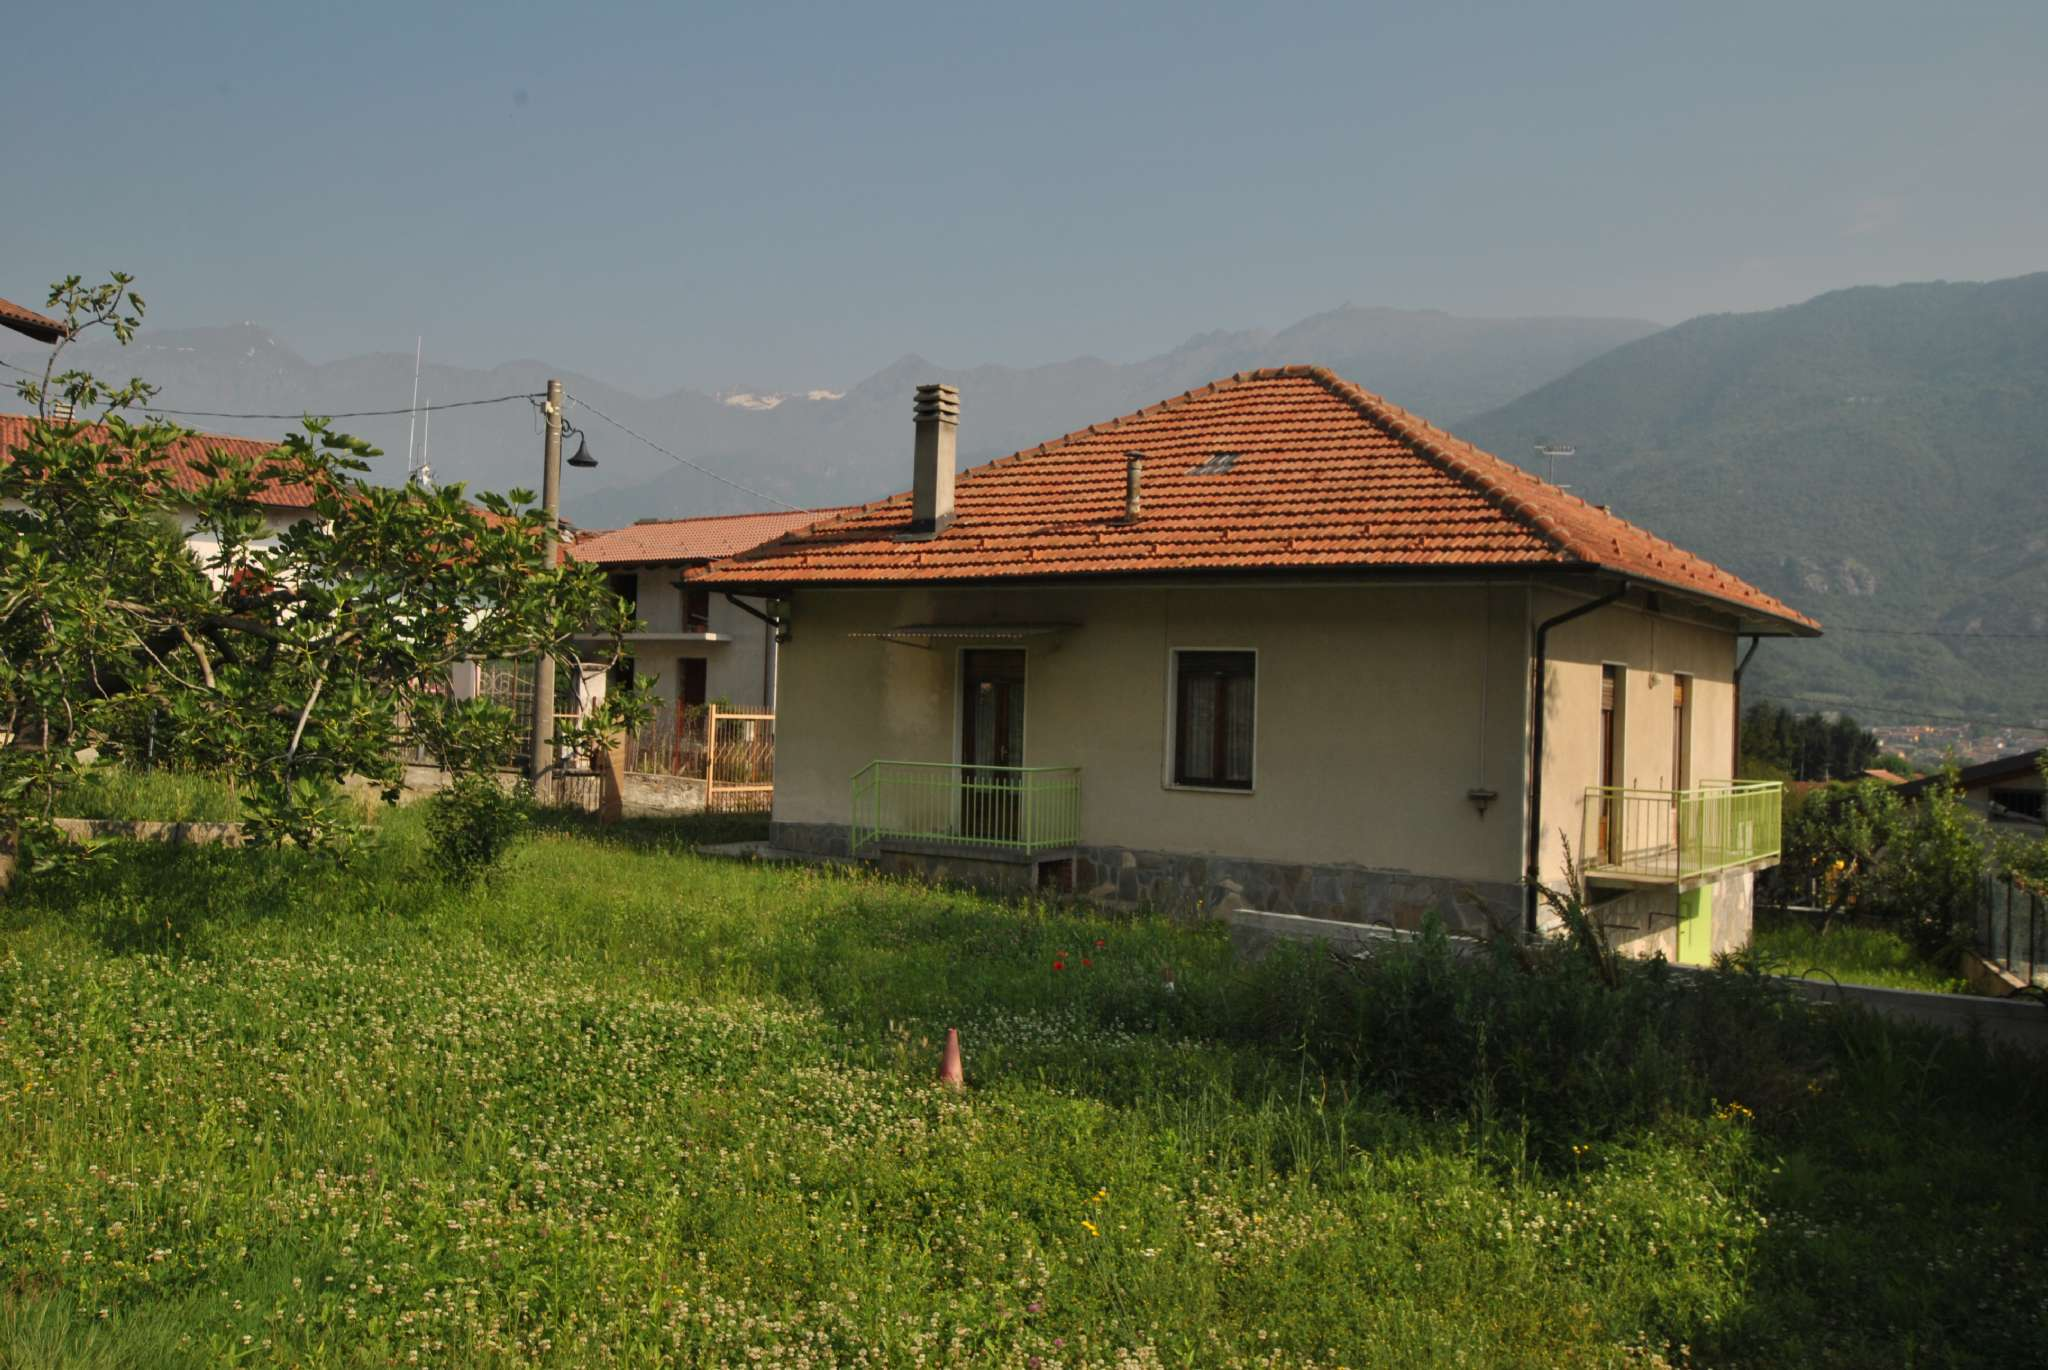 Villa in vendita a Villar Focchiardo, 4 locali, prezzo € 139.000 | PortaleAgenzieImmobiliari.it